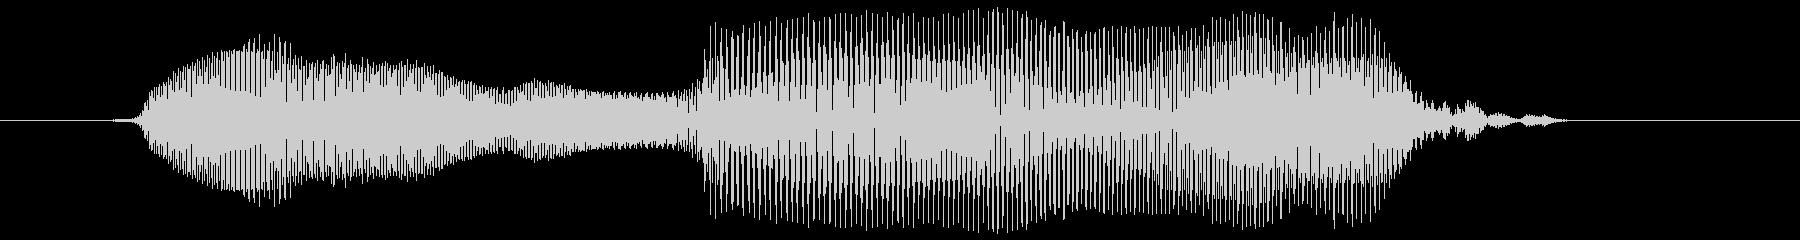 うまい!2【ロリキャラの褒めボイス】の未再生の波形